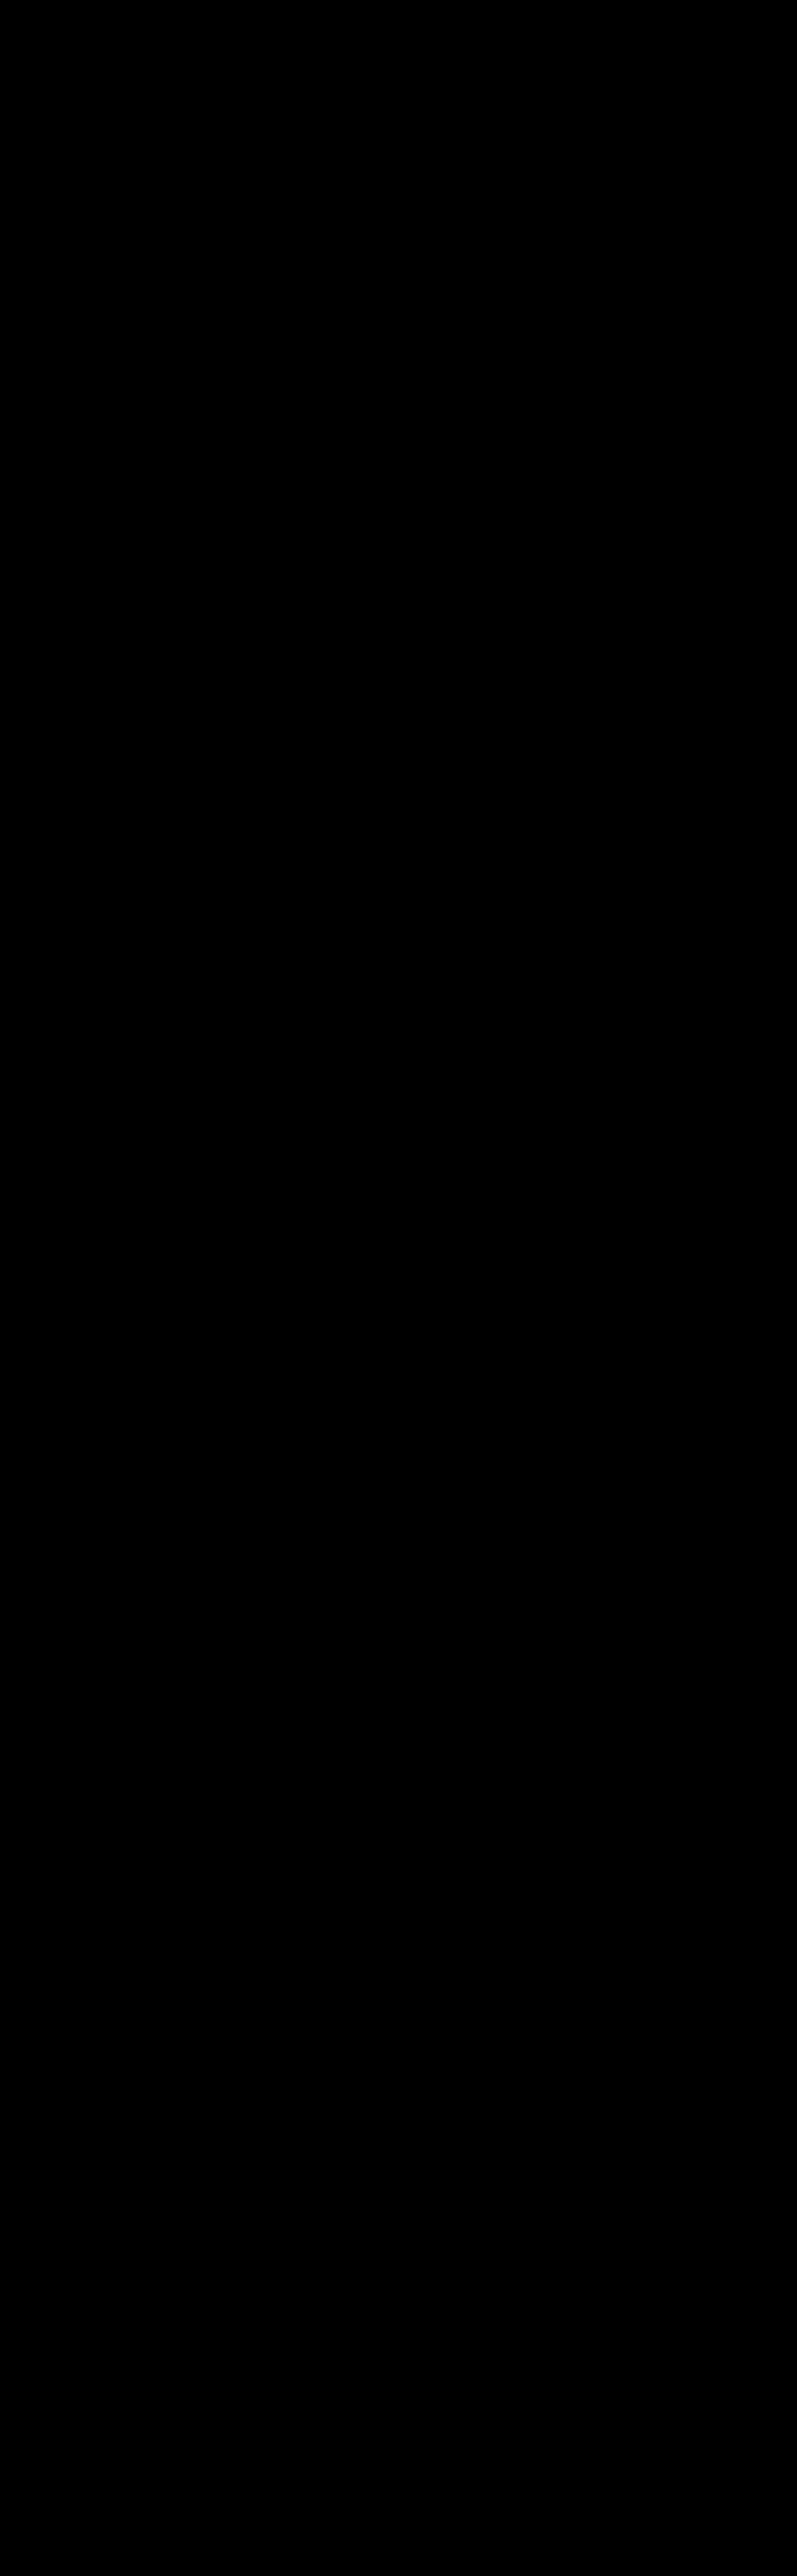 0-2歲全方位母嬰計劃